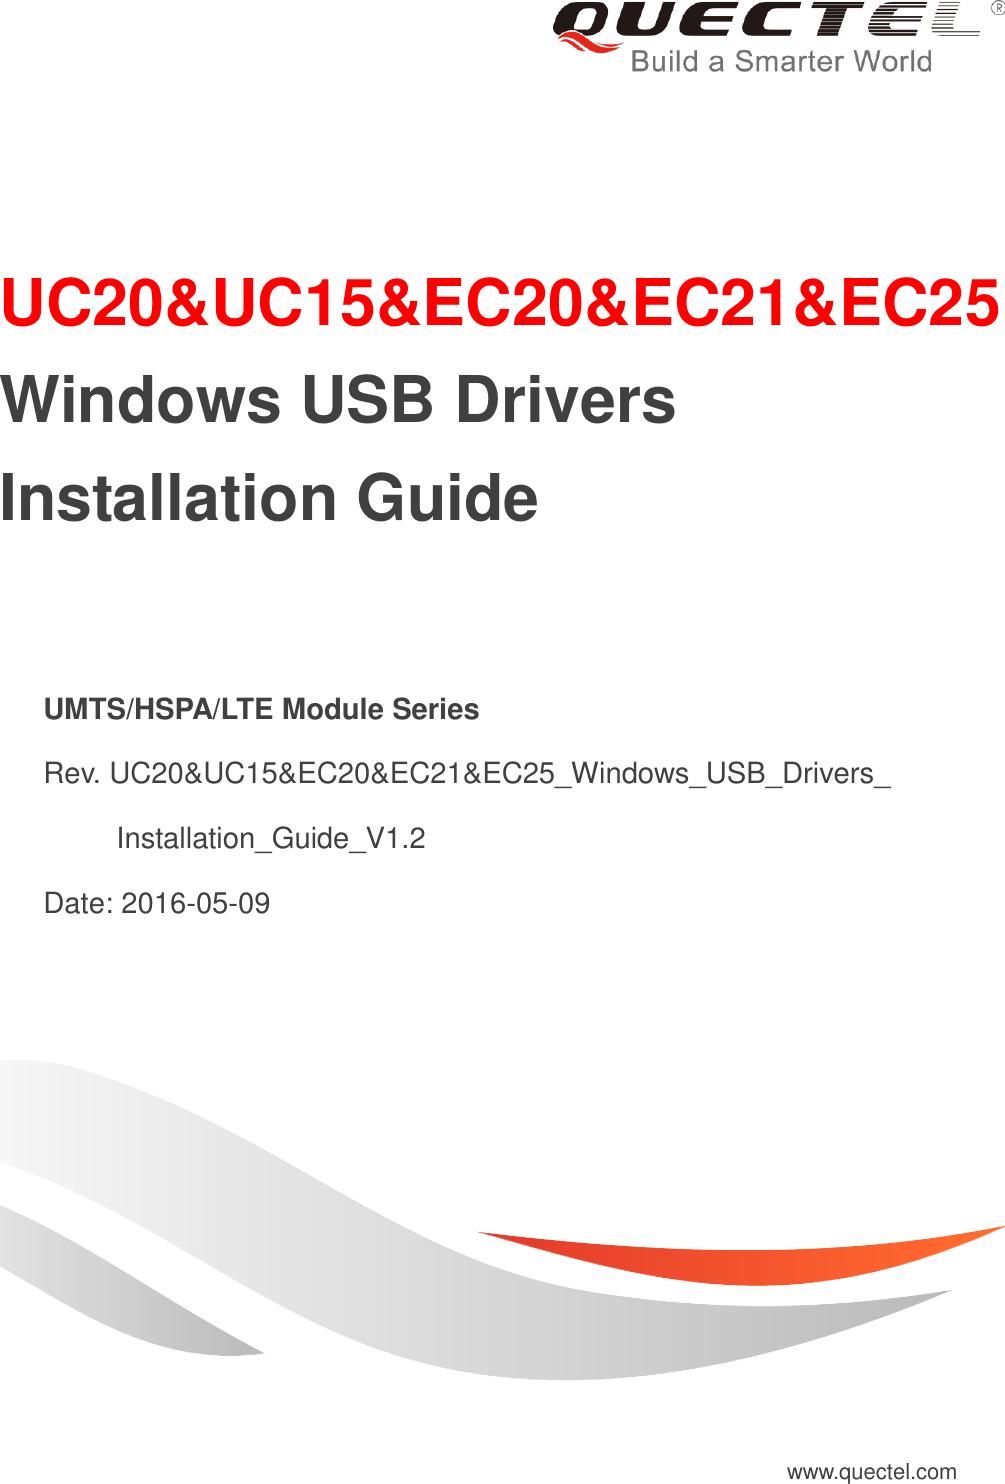 Quectel UC20&UC15&EC20&EC21&EC25 Windows USB Drivers